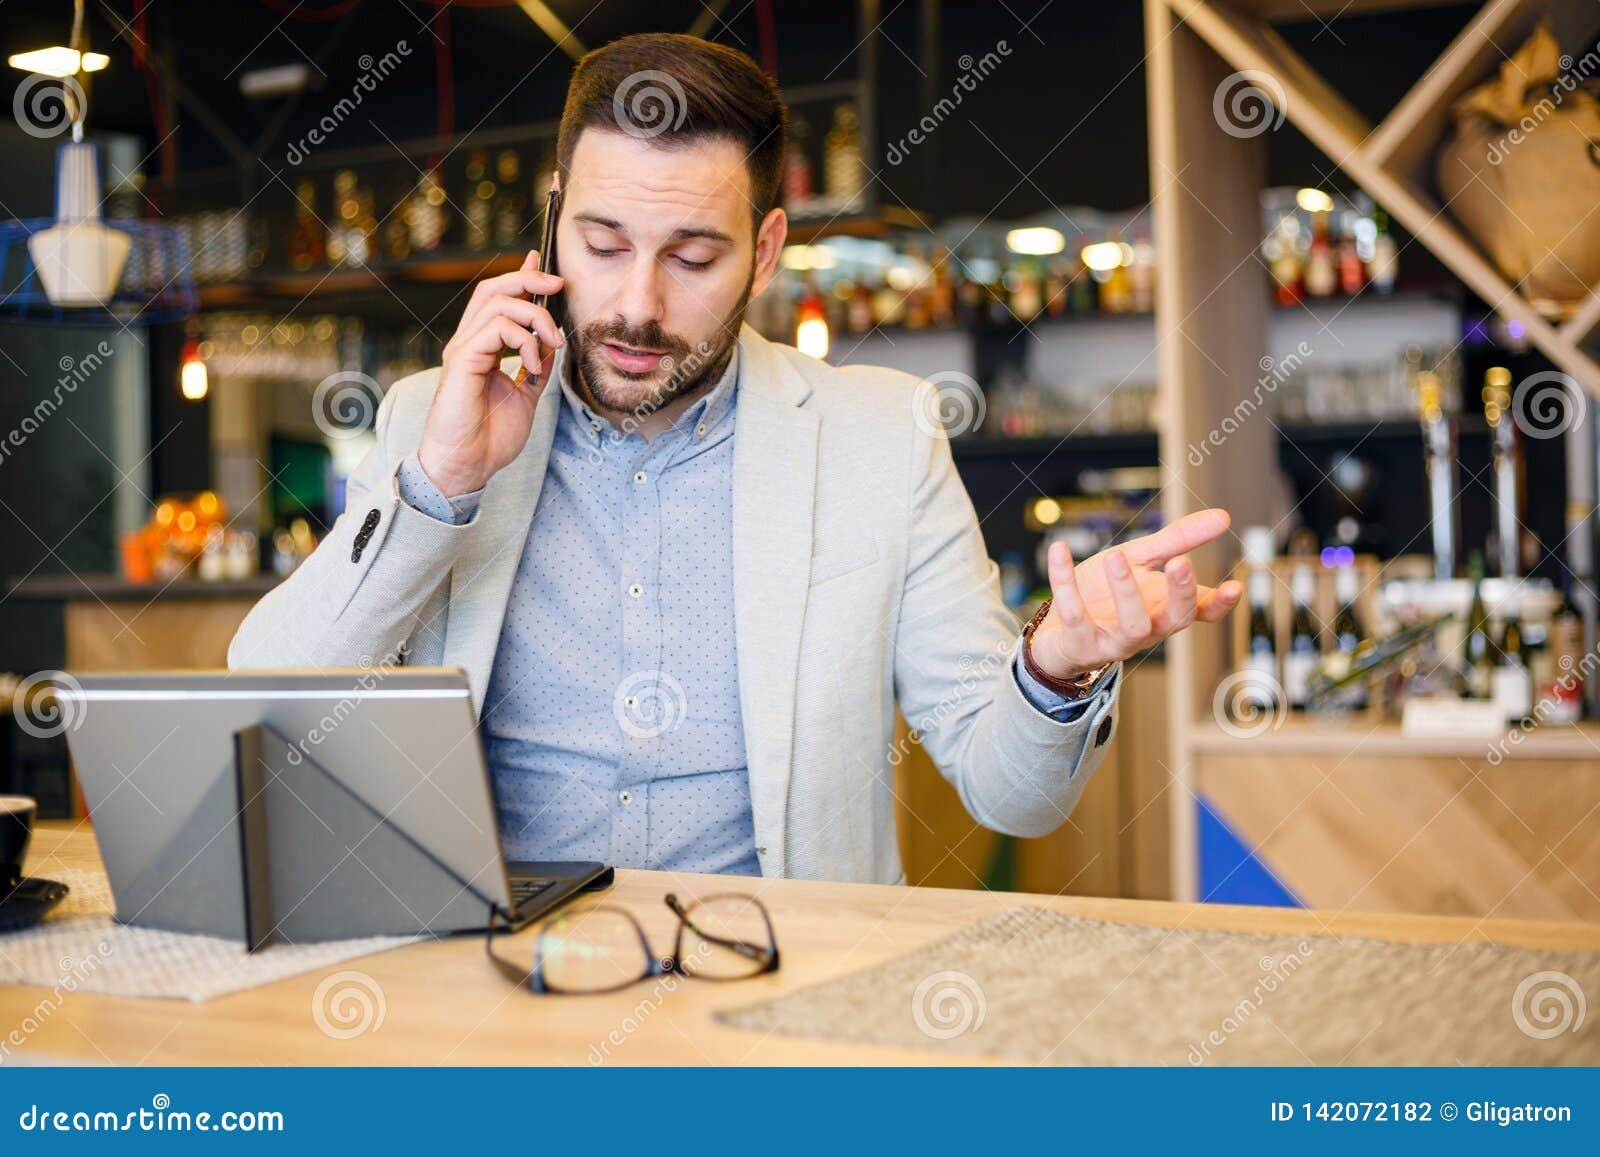 Homem de negócios novo sério que fala em um telefone, trabalhando em um café